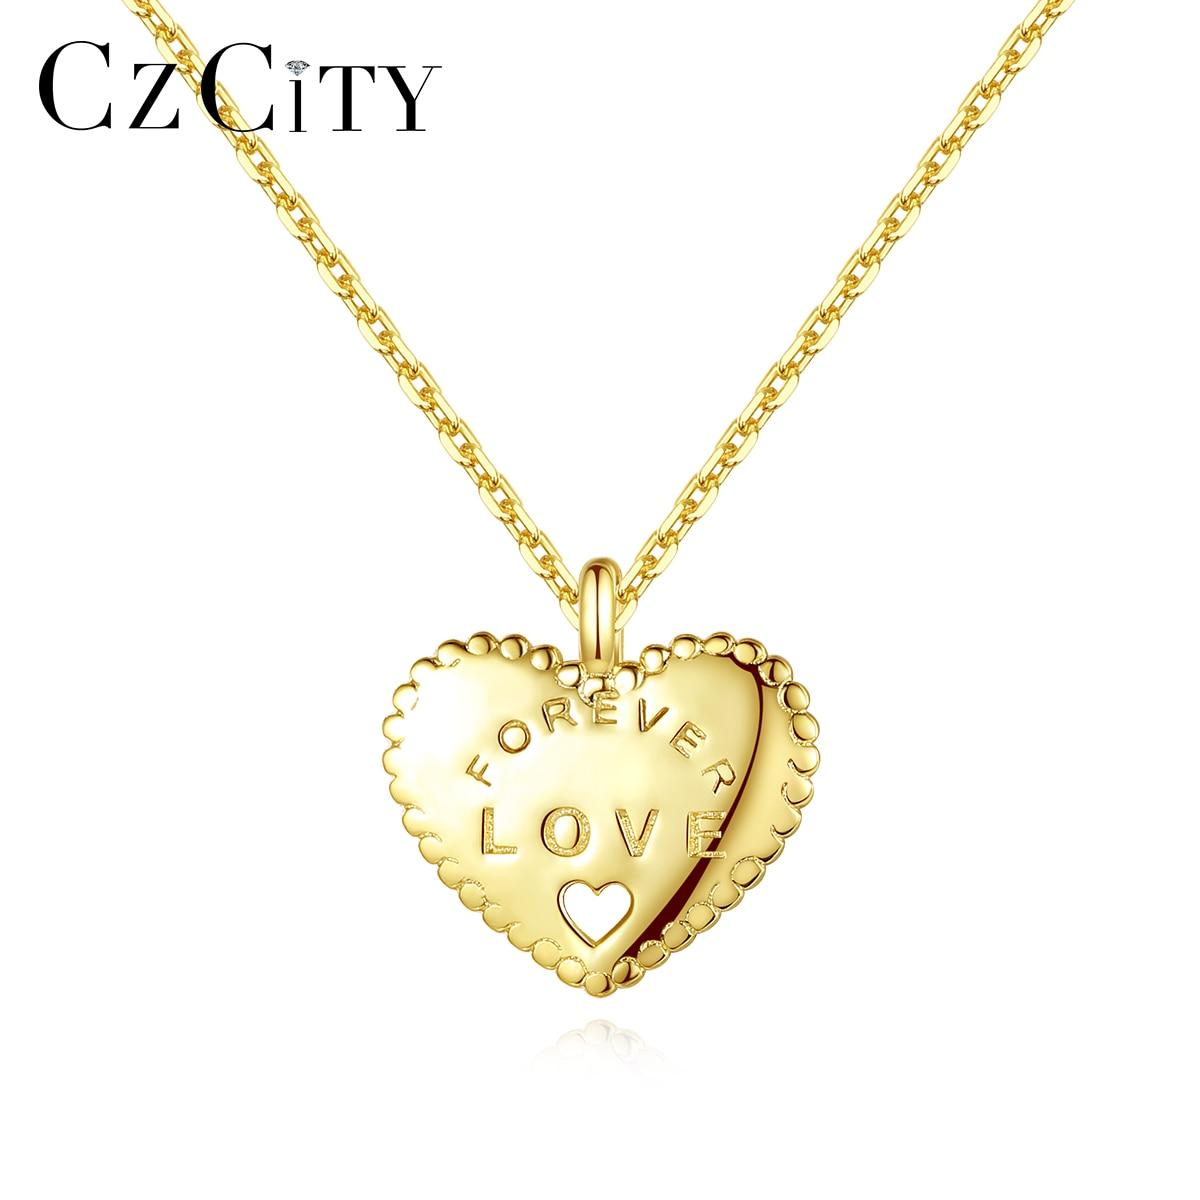 CZCITY, Plata de Ley 925 auténtica para siempre, collares con colgantes de amor y corazones para chicas que datan, joyería fina, Collar de plata, regalo SN0391